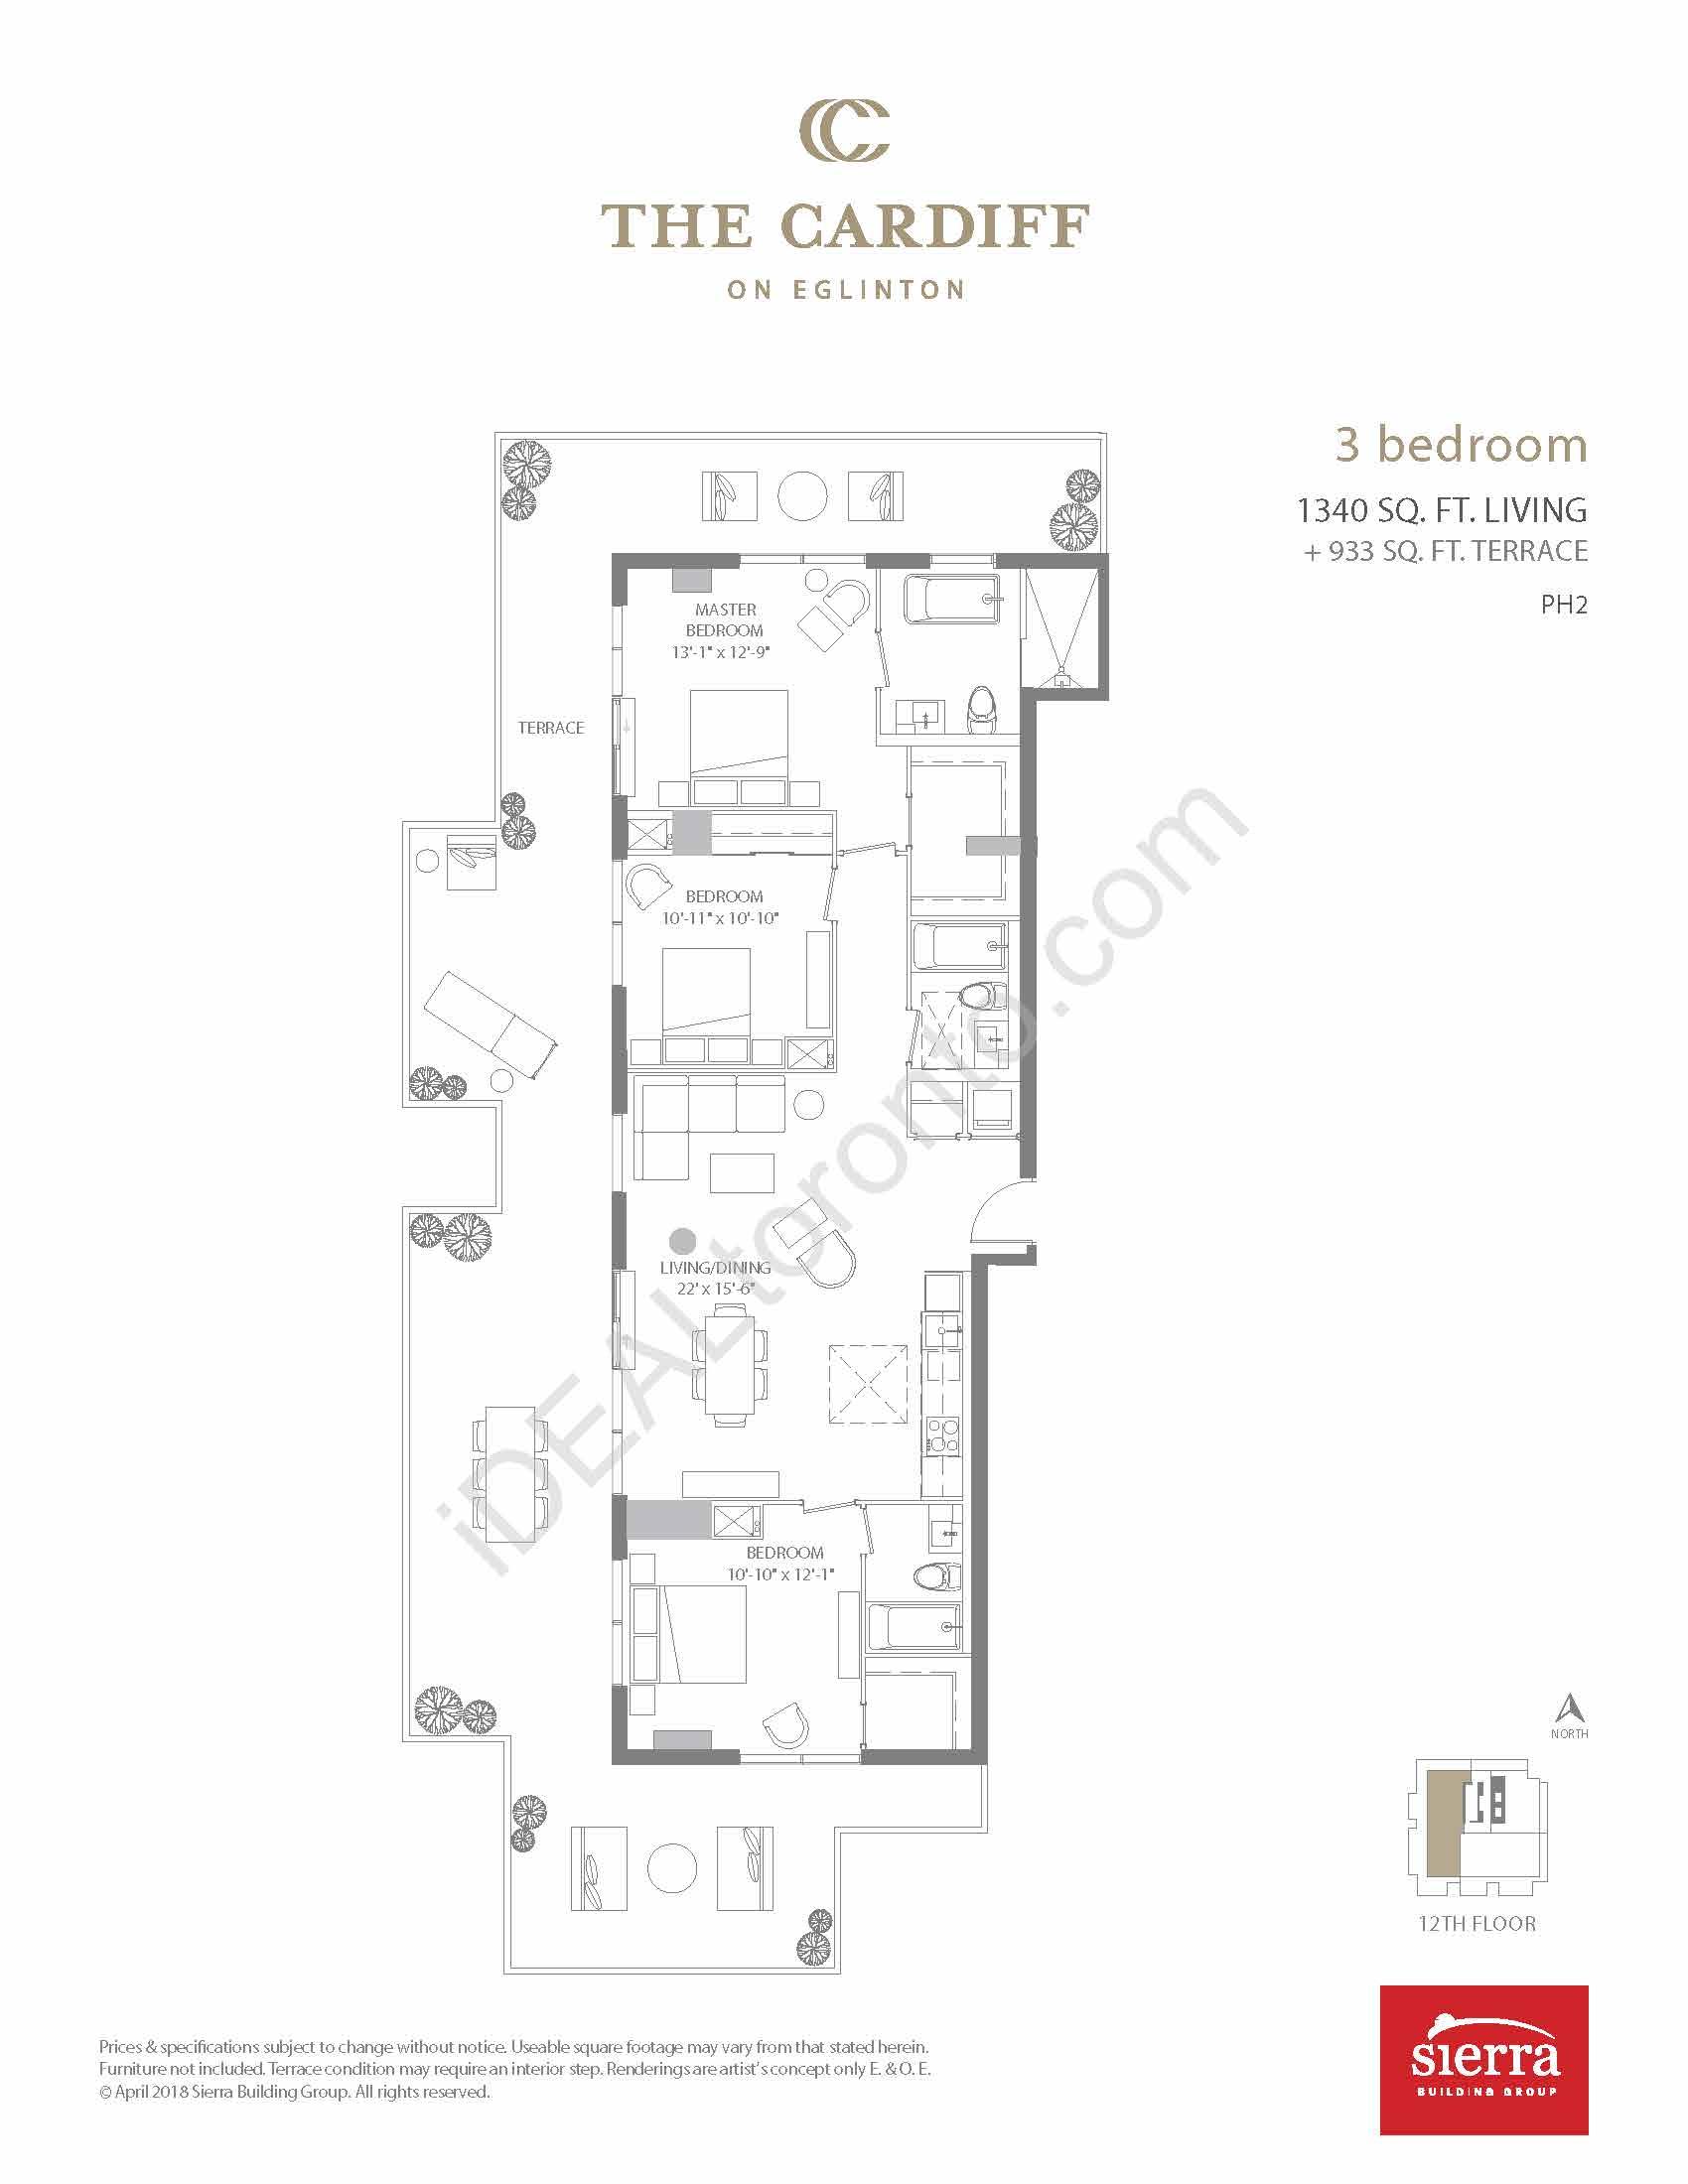 3 Bedroom + Terrace